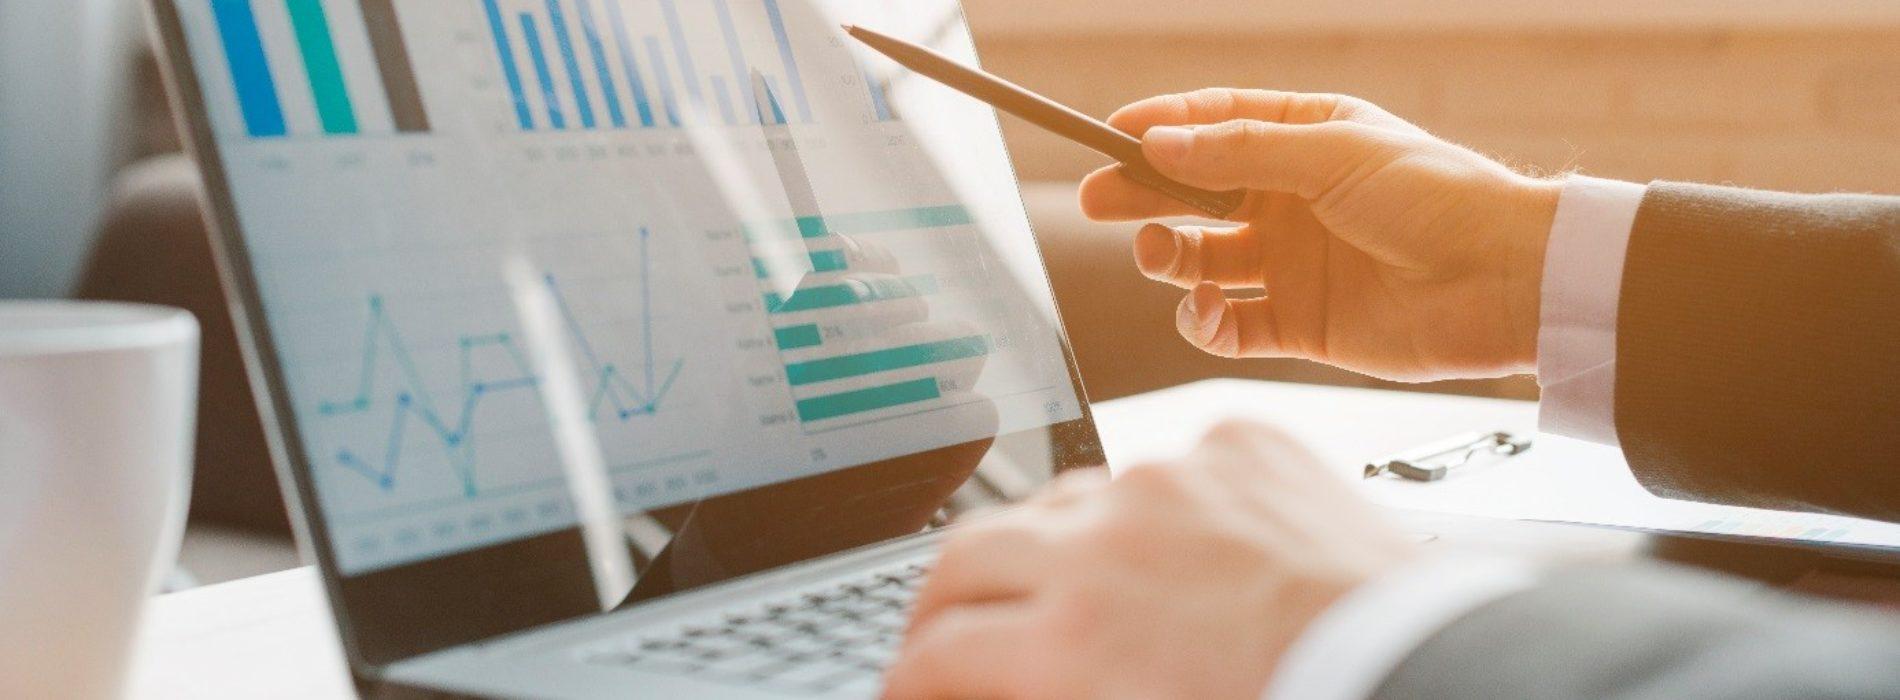 Badanie Vendor Due Diligence – jakie przynosi korzyści?